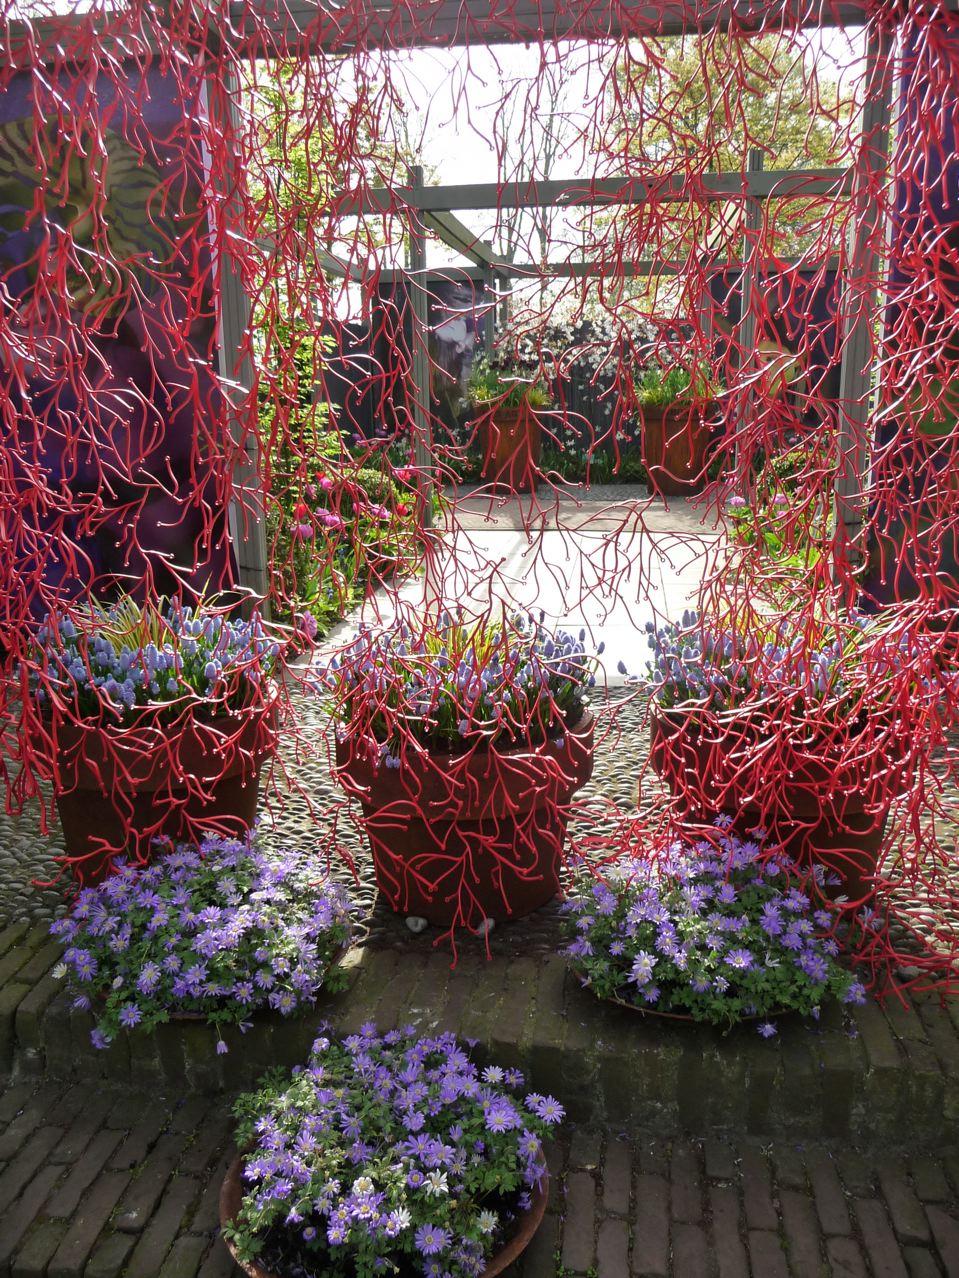 Les jardins d'inspiration dans le parc de Keukenhof en Hollande